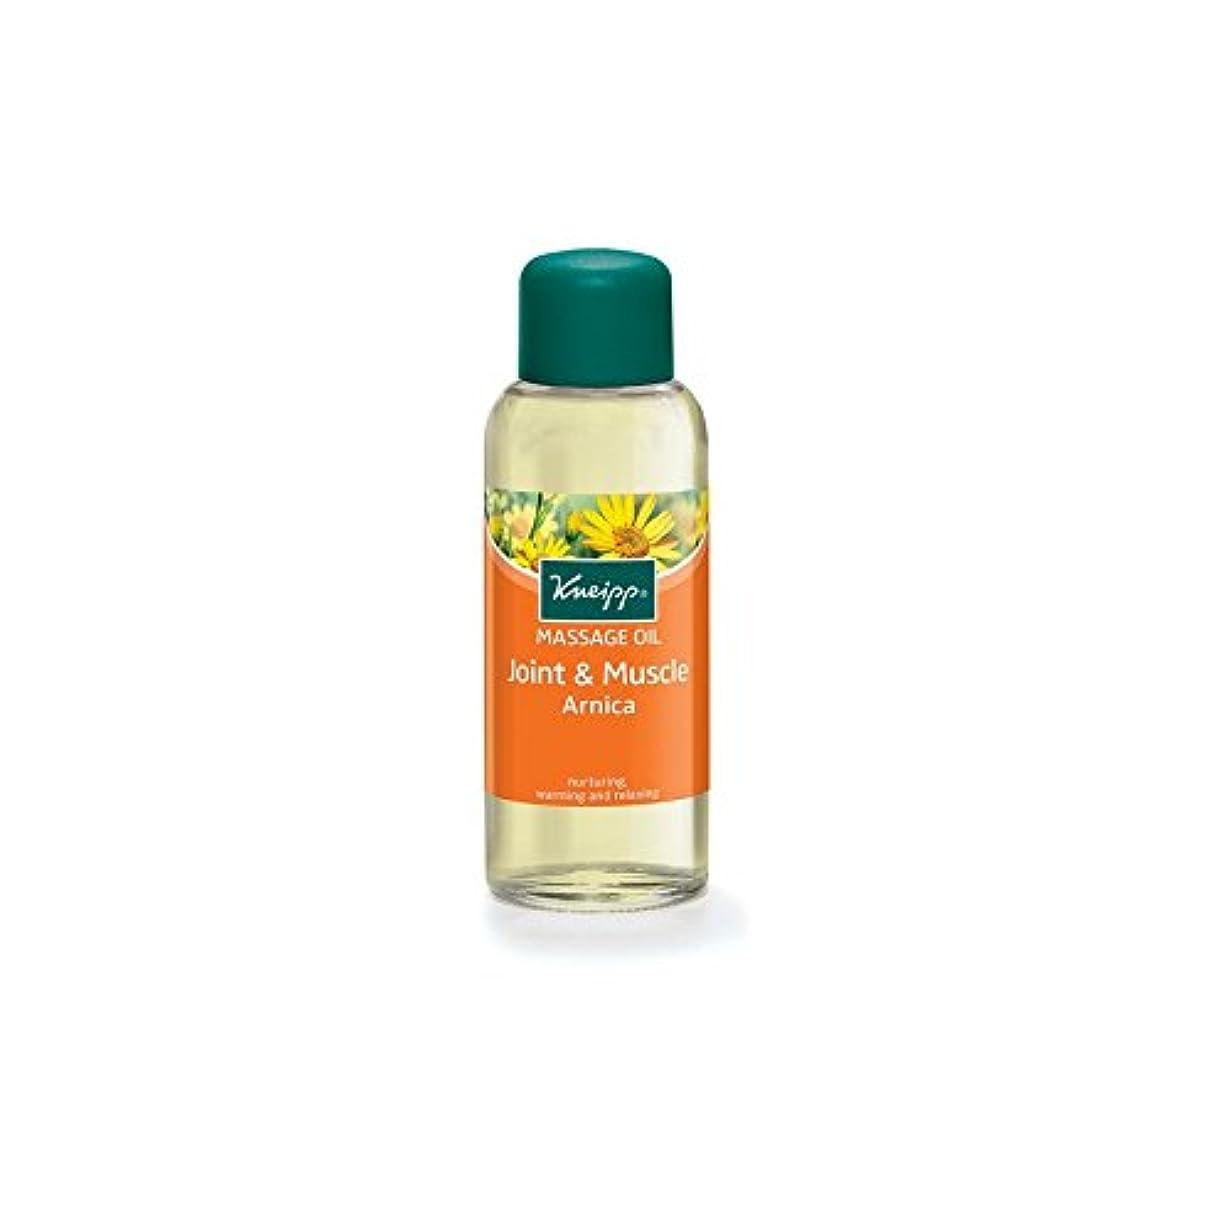 平方魅力ポップKneipp Joint and Muscle Arnica Massage Oil (100ml) (Pack of 6) - クナイプの関節や筋肉アルニカマッサージオイル(100ミリリットル) x6 [並行輸入品]